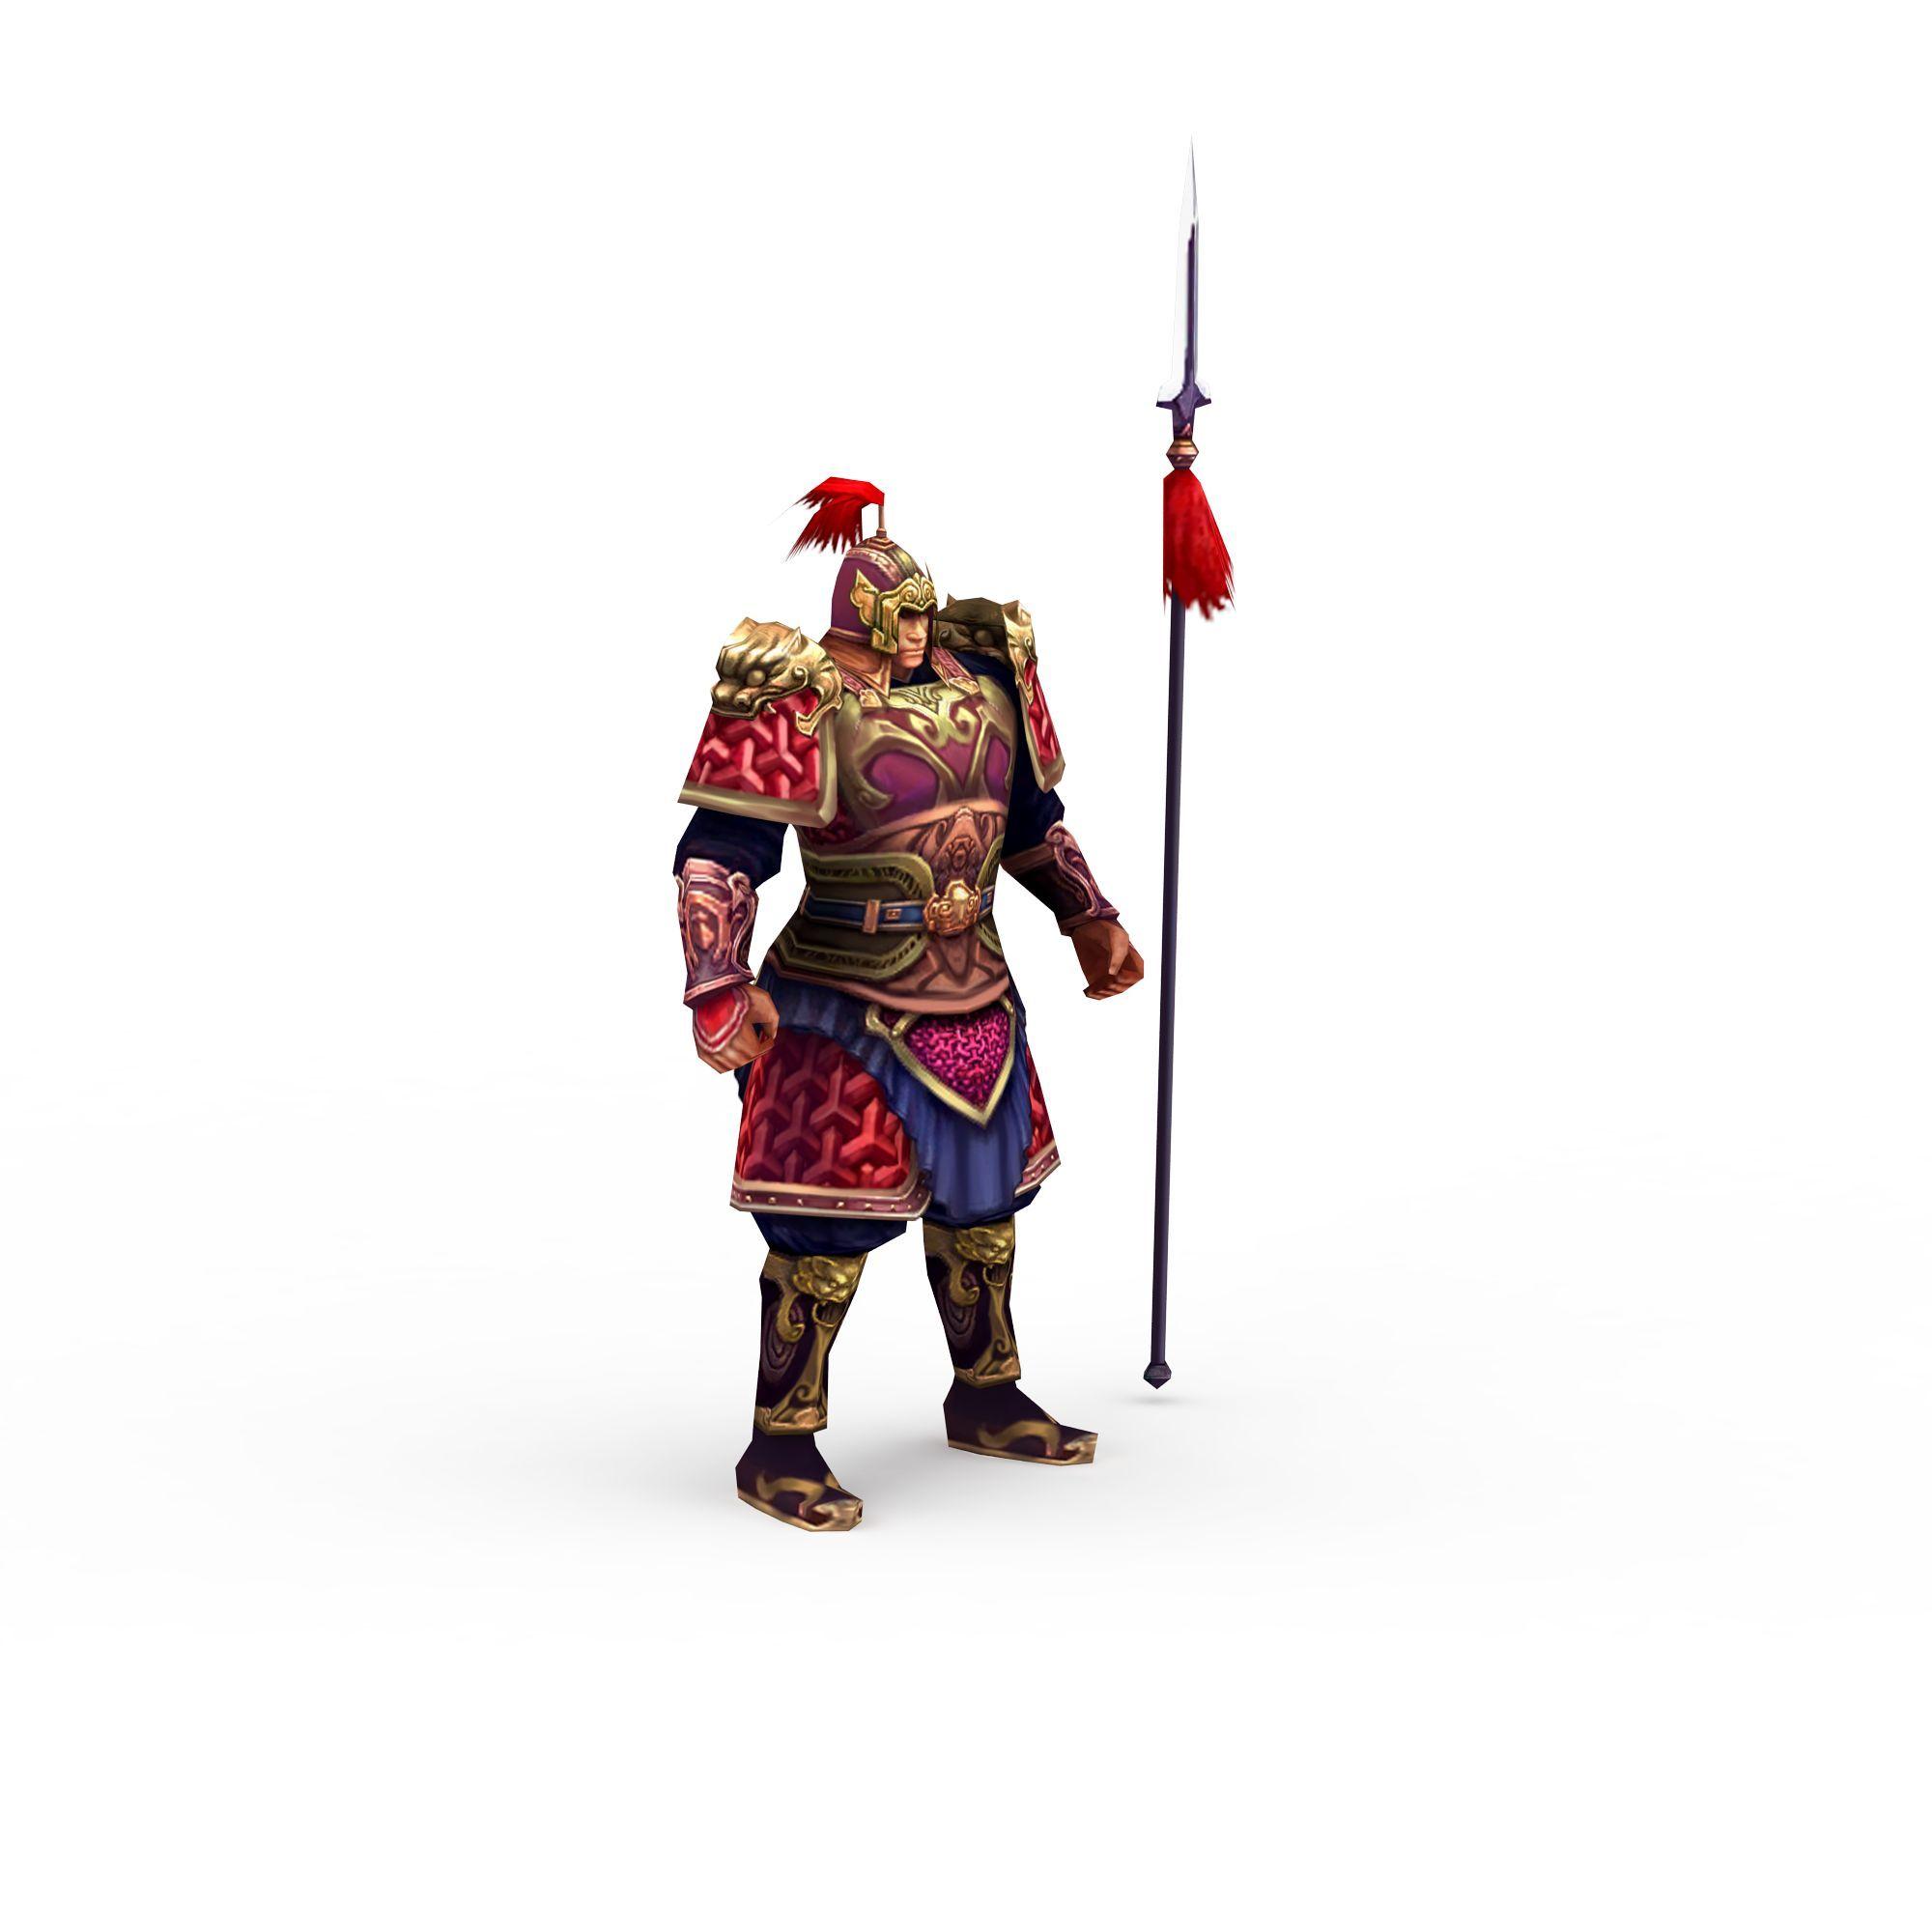 游戏铠甲人物png高清图  游戏铠甲人物高清图详情 设计师 3d学苑 模型